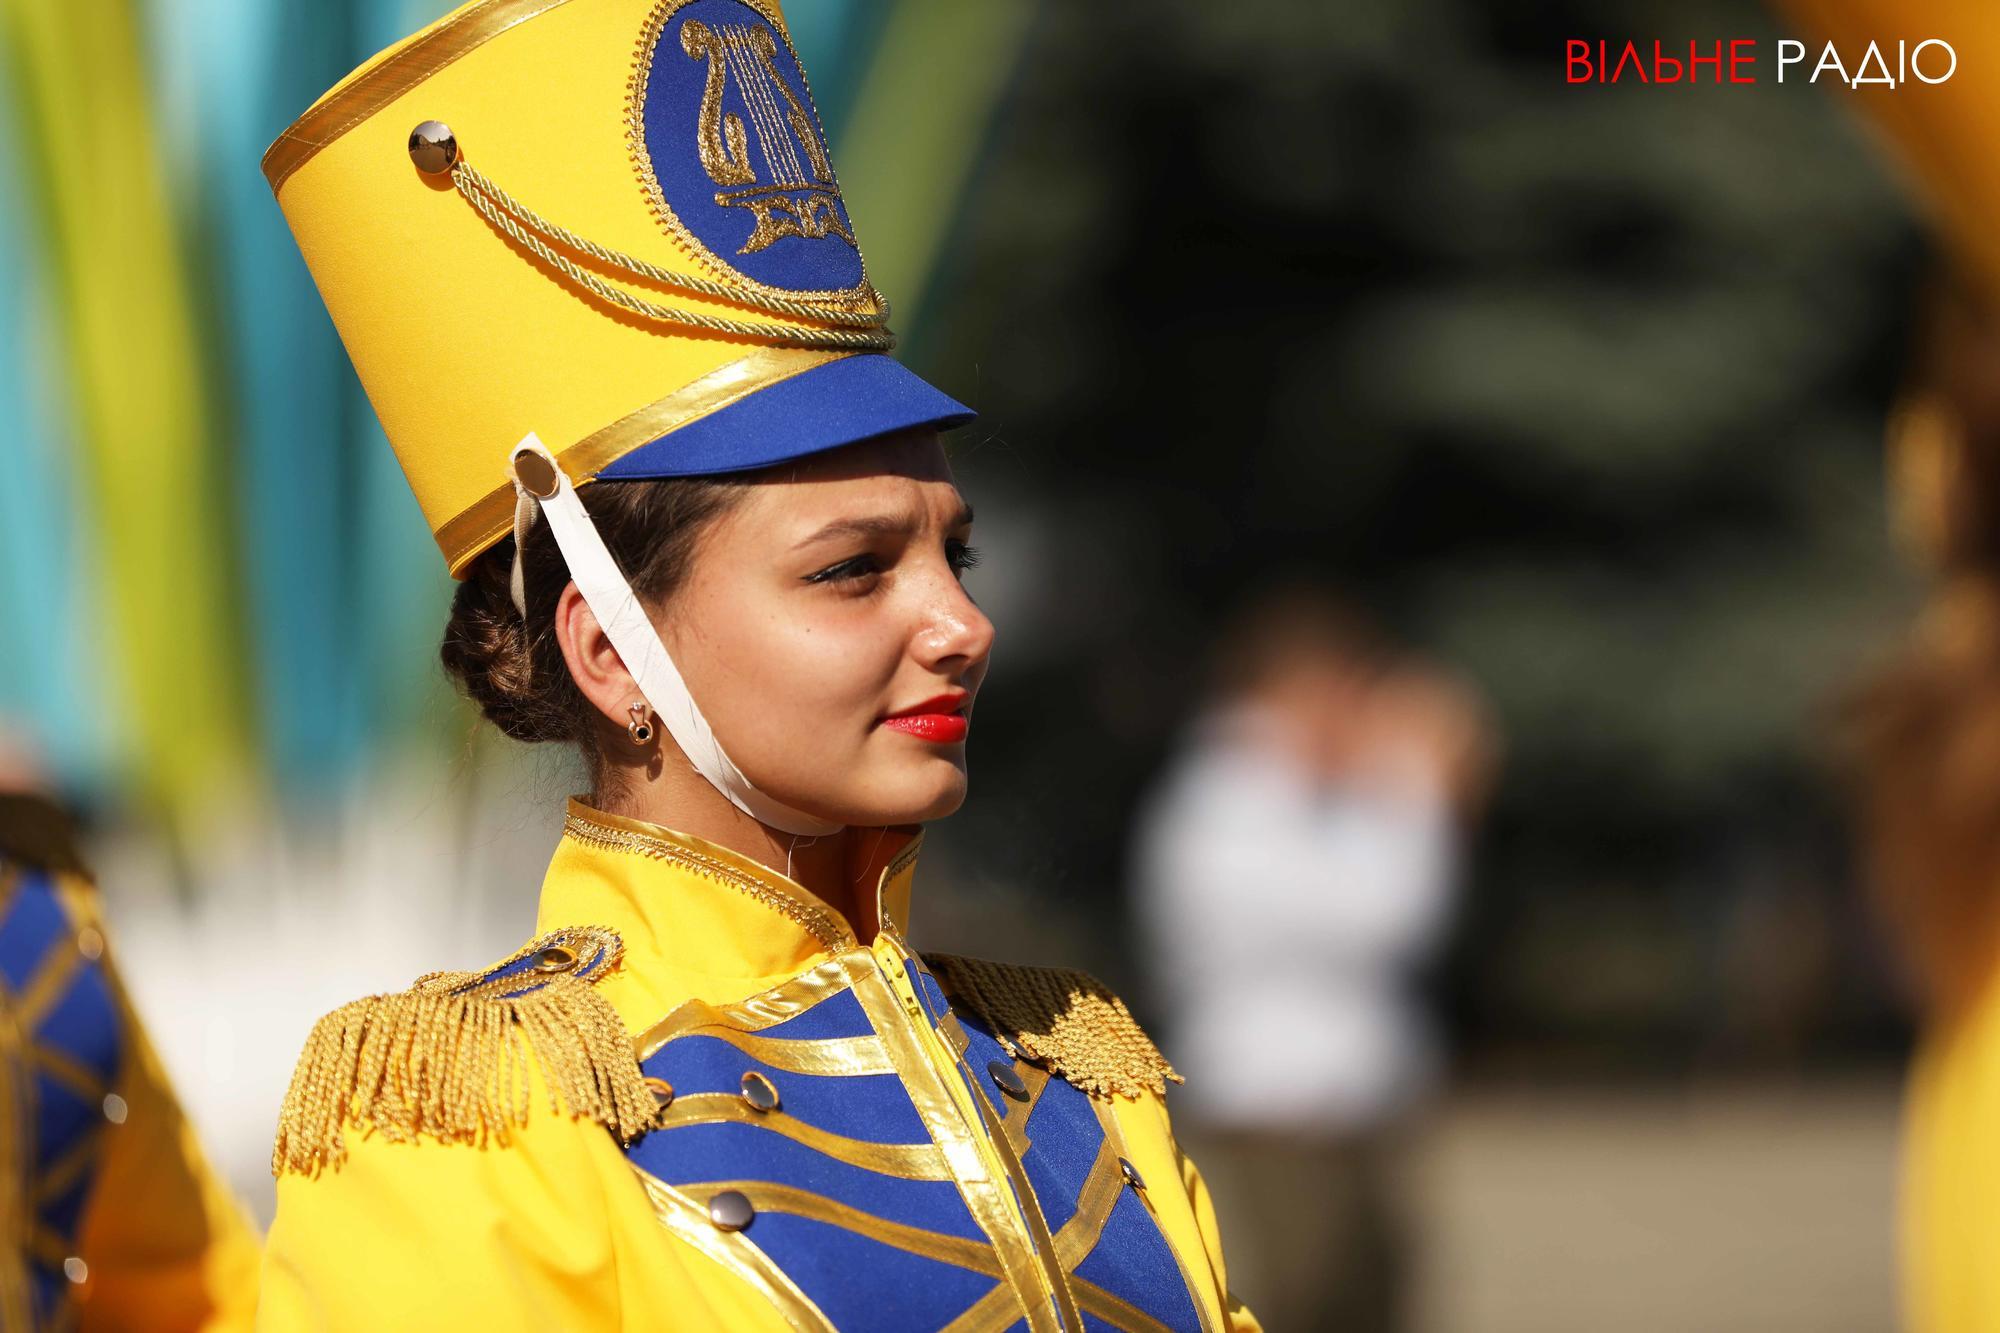 українська барабанщиця на День міста в Бахмуті